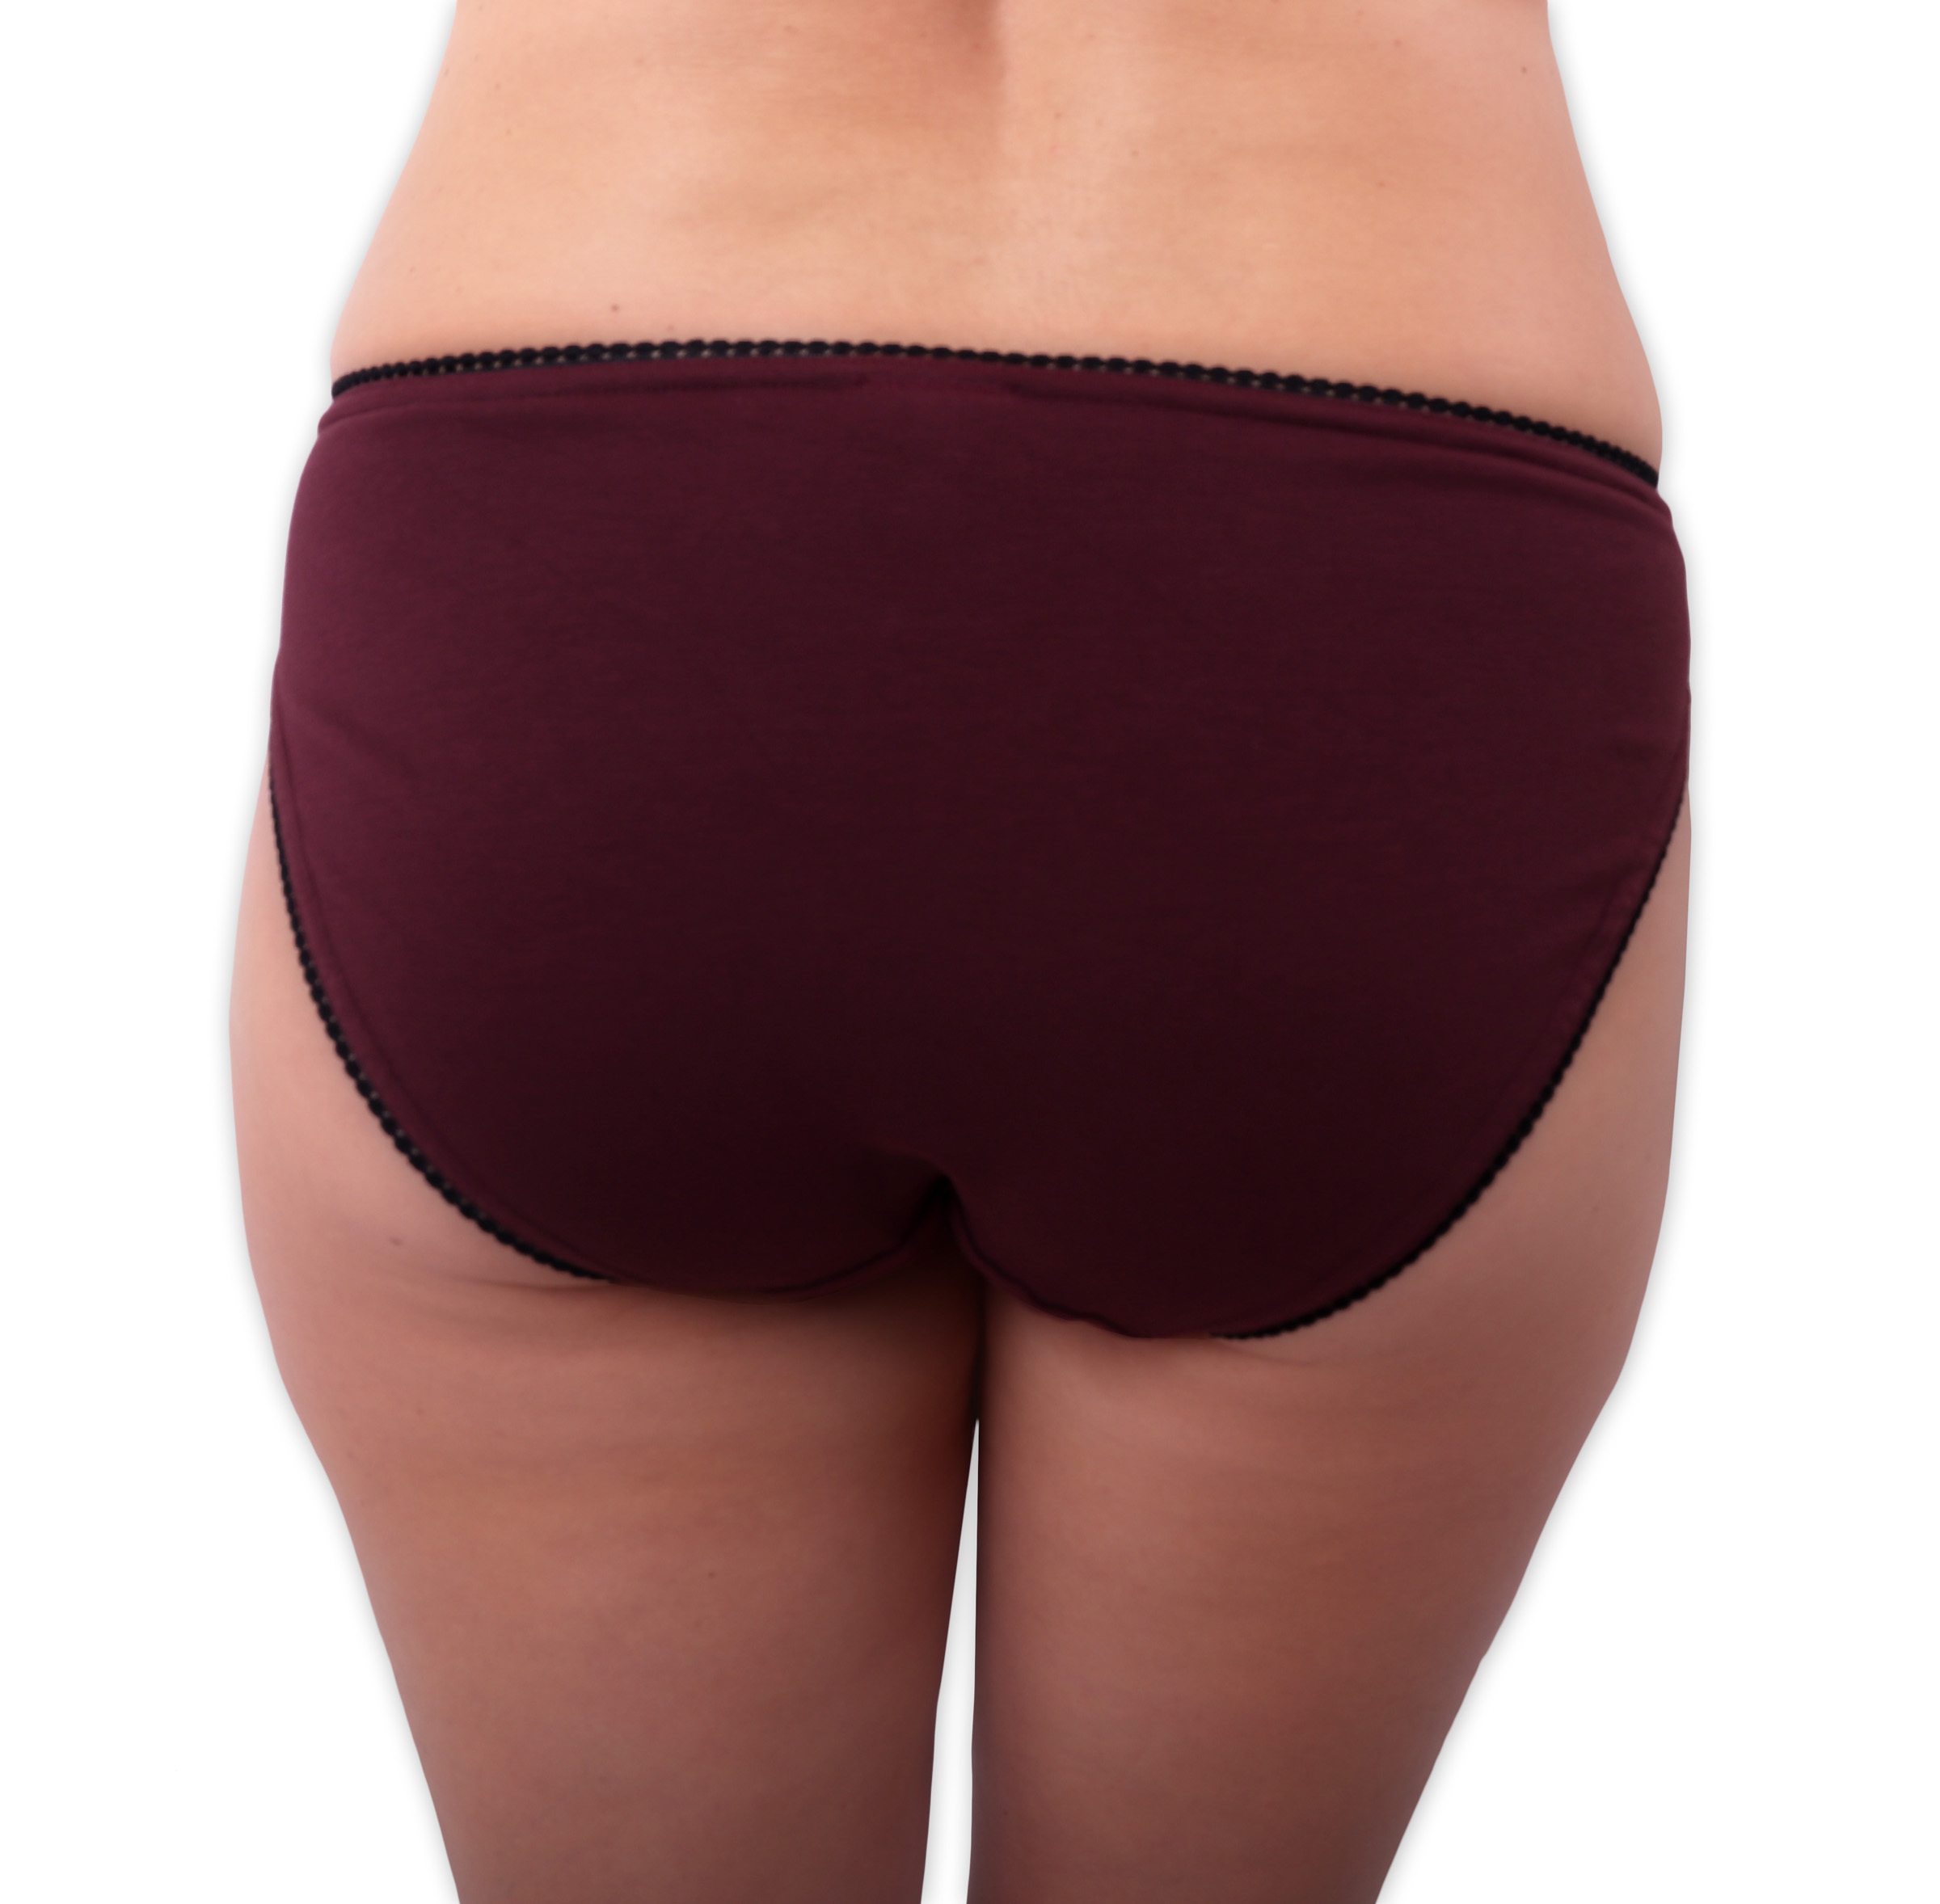 Dámské kalhotky bavlněné, klasický střih, bordo, 38